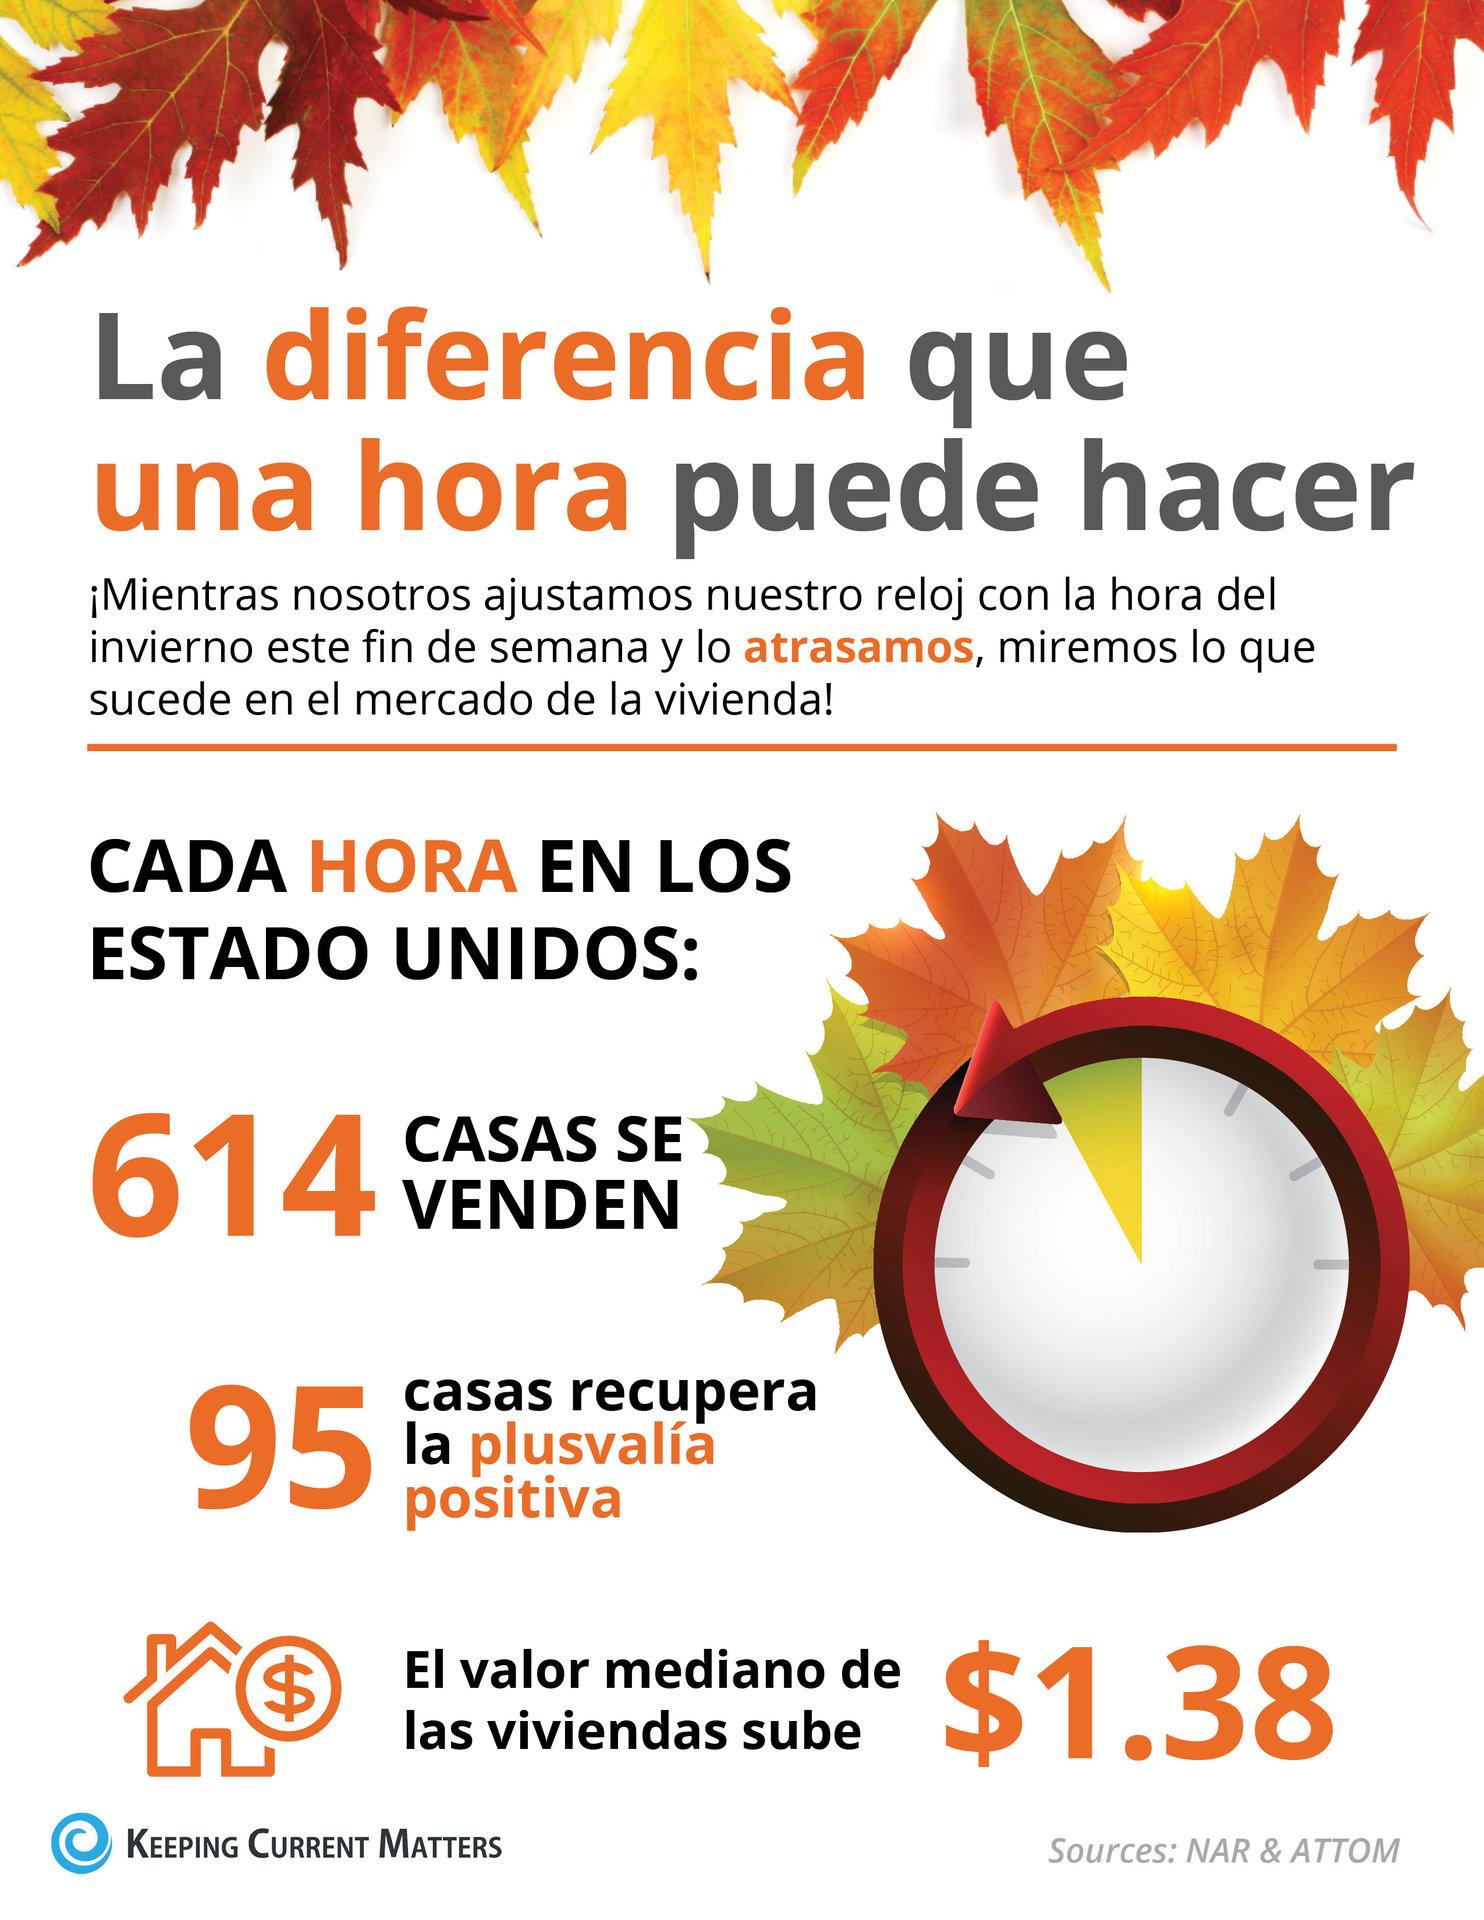 La diferencia que una hora puede hacer este otoño [infografía] | Keeping Current Matters